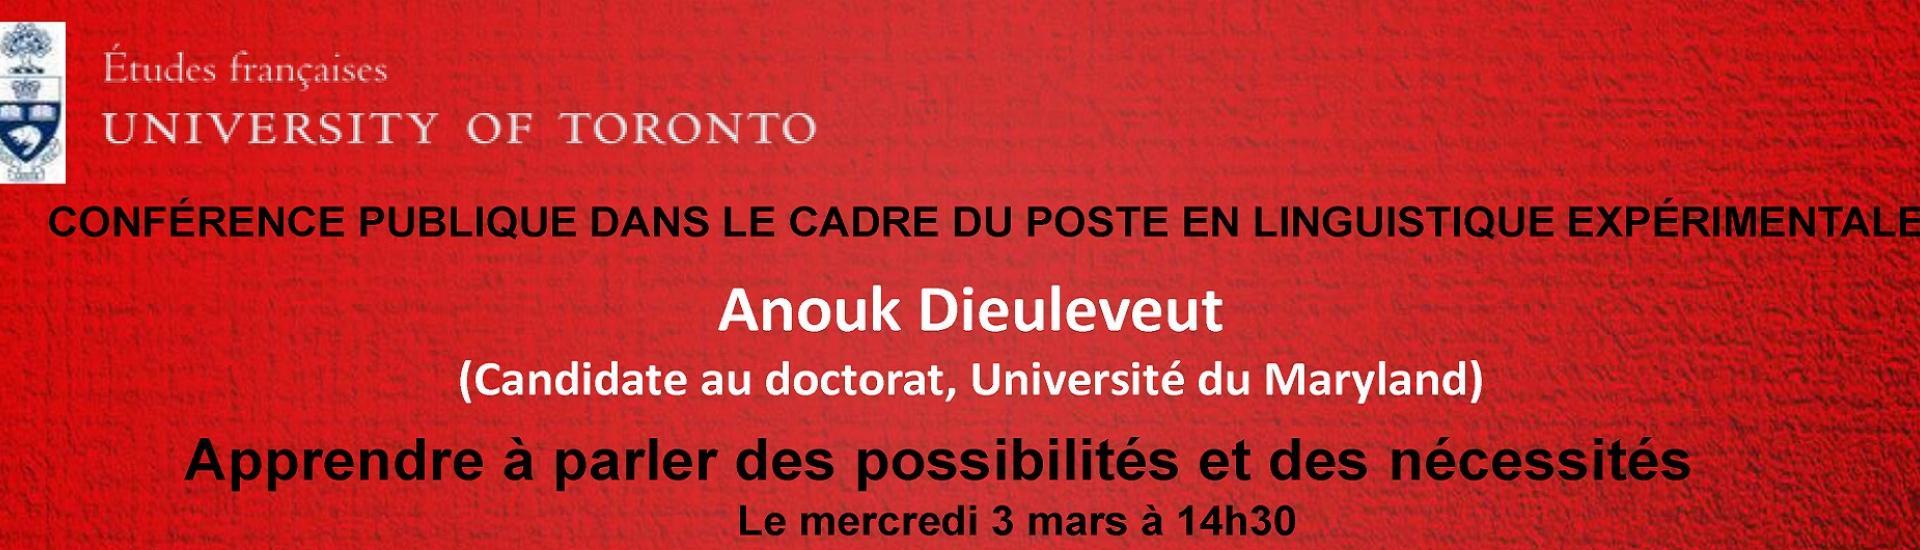 CONFÉRENCE PUBLIQUE DANS LE CADRE DU POSTE EN LINGUISTIQUE EXPÉRIMENTALE, Anouk Dieuleveut, Apprendre à parler des possibilités et des nécessités, Le mercredi 3 marsà14h30